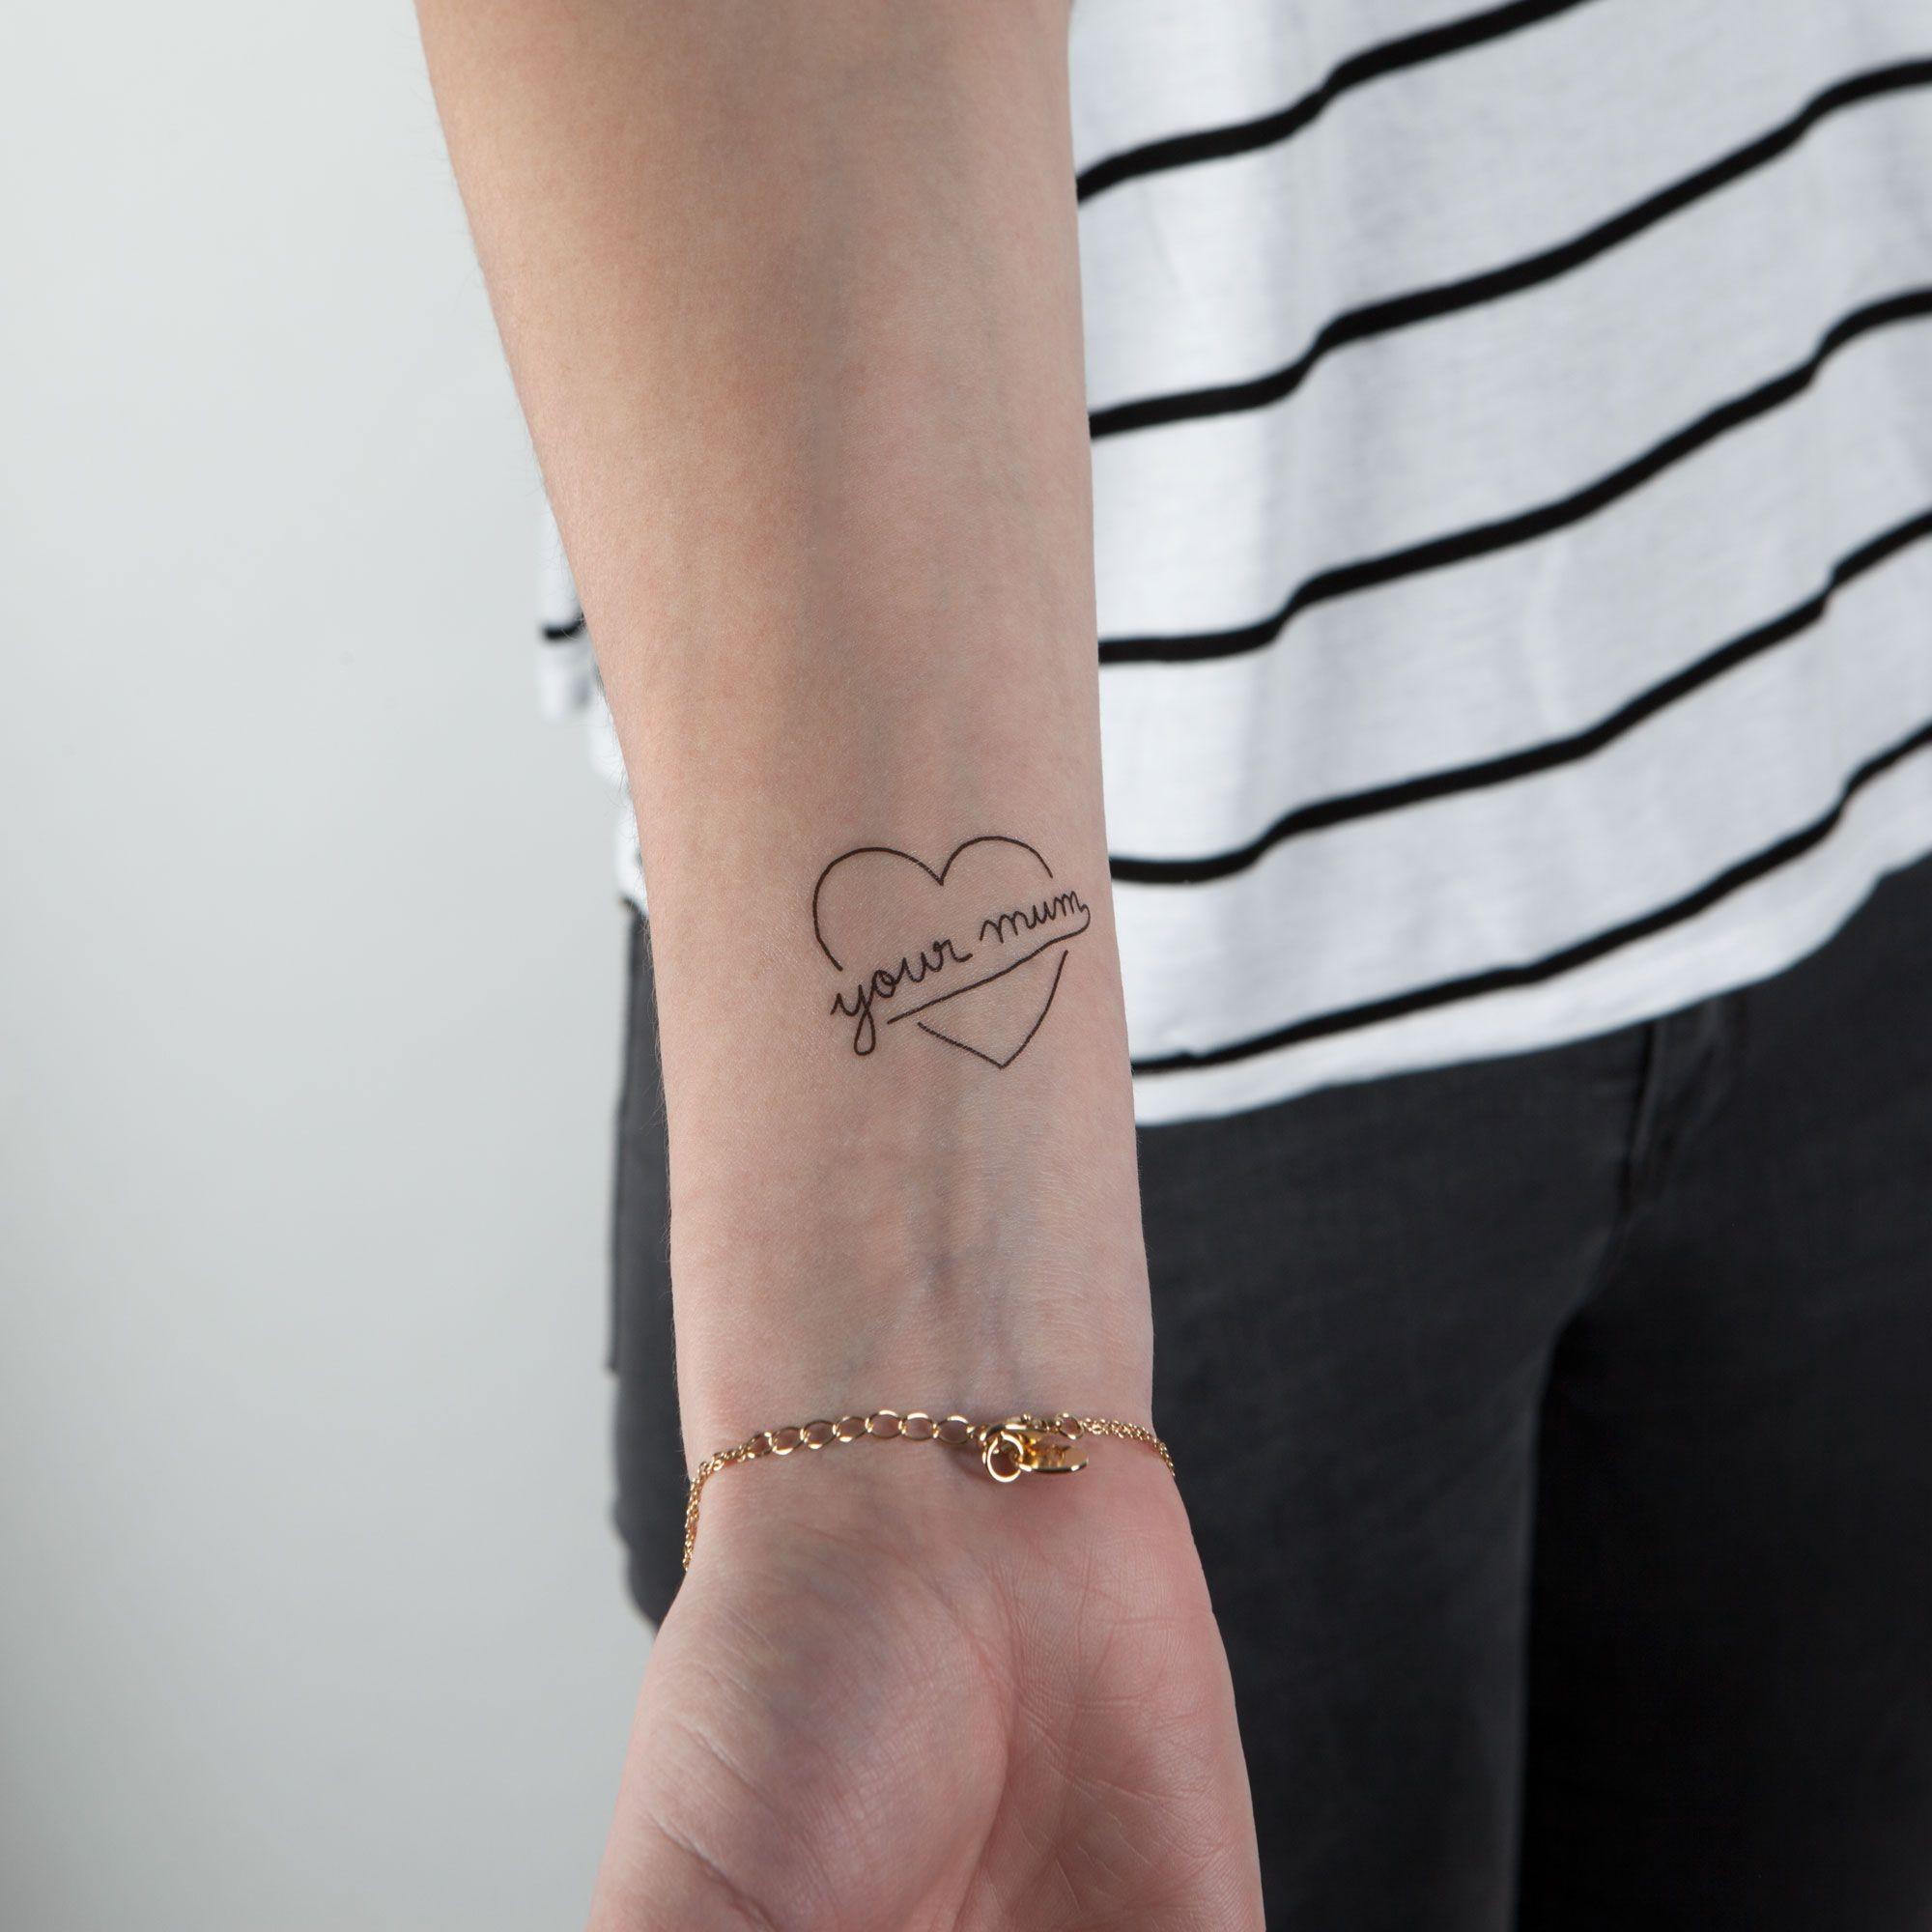 tatouage temporaire La violence et l'amour poignet